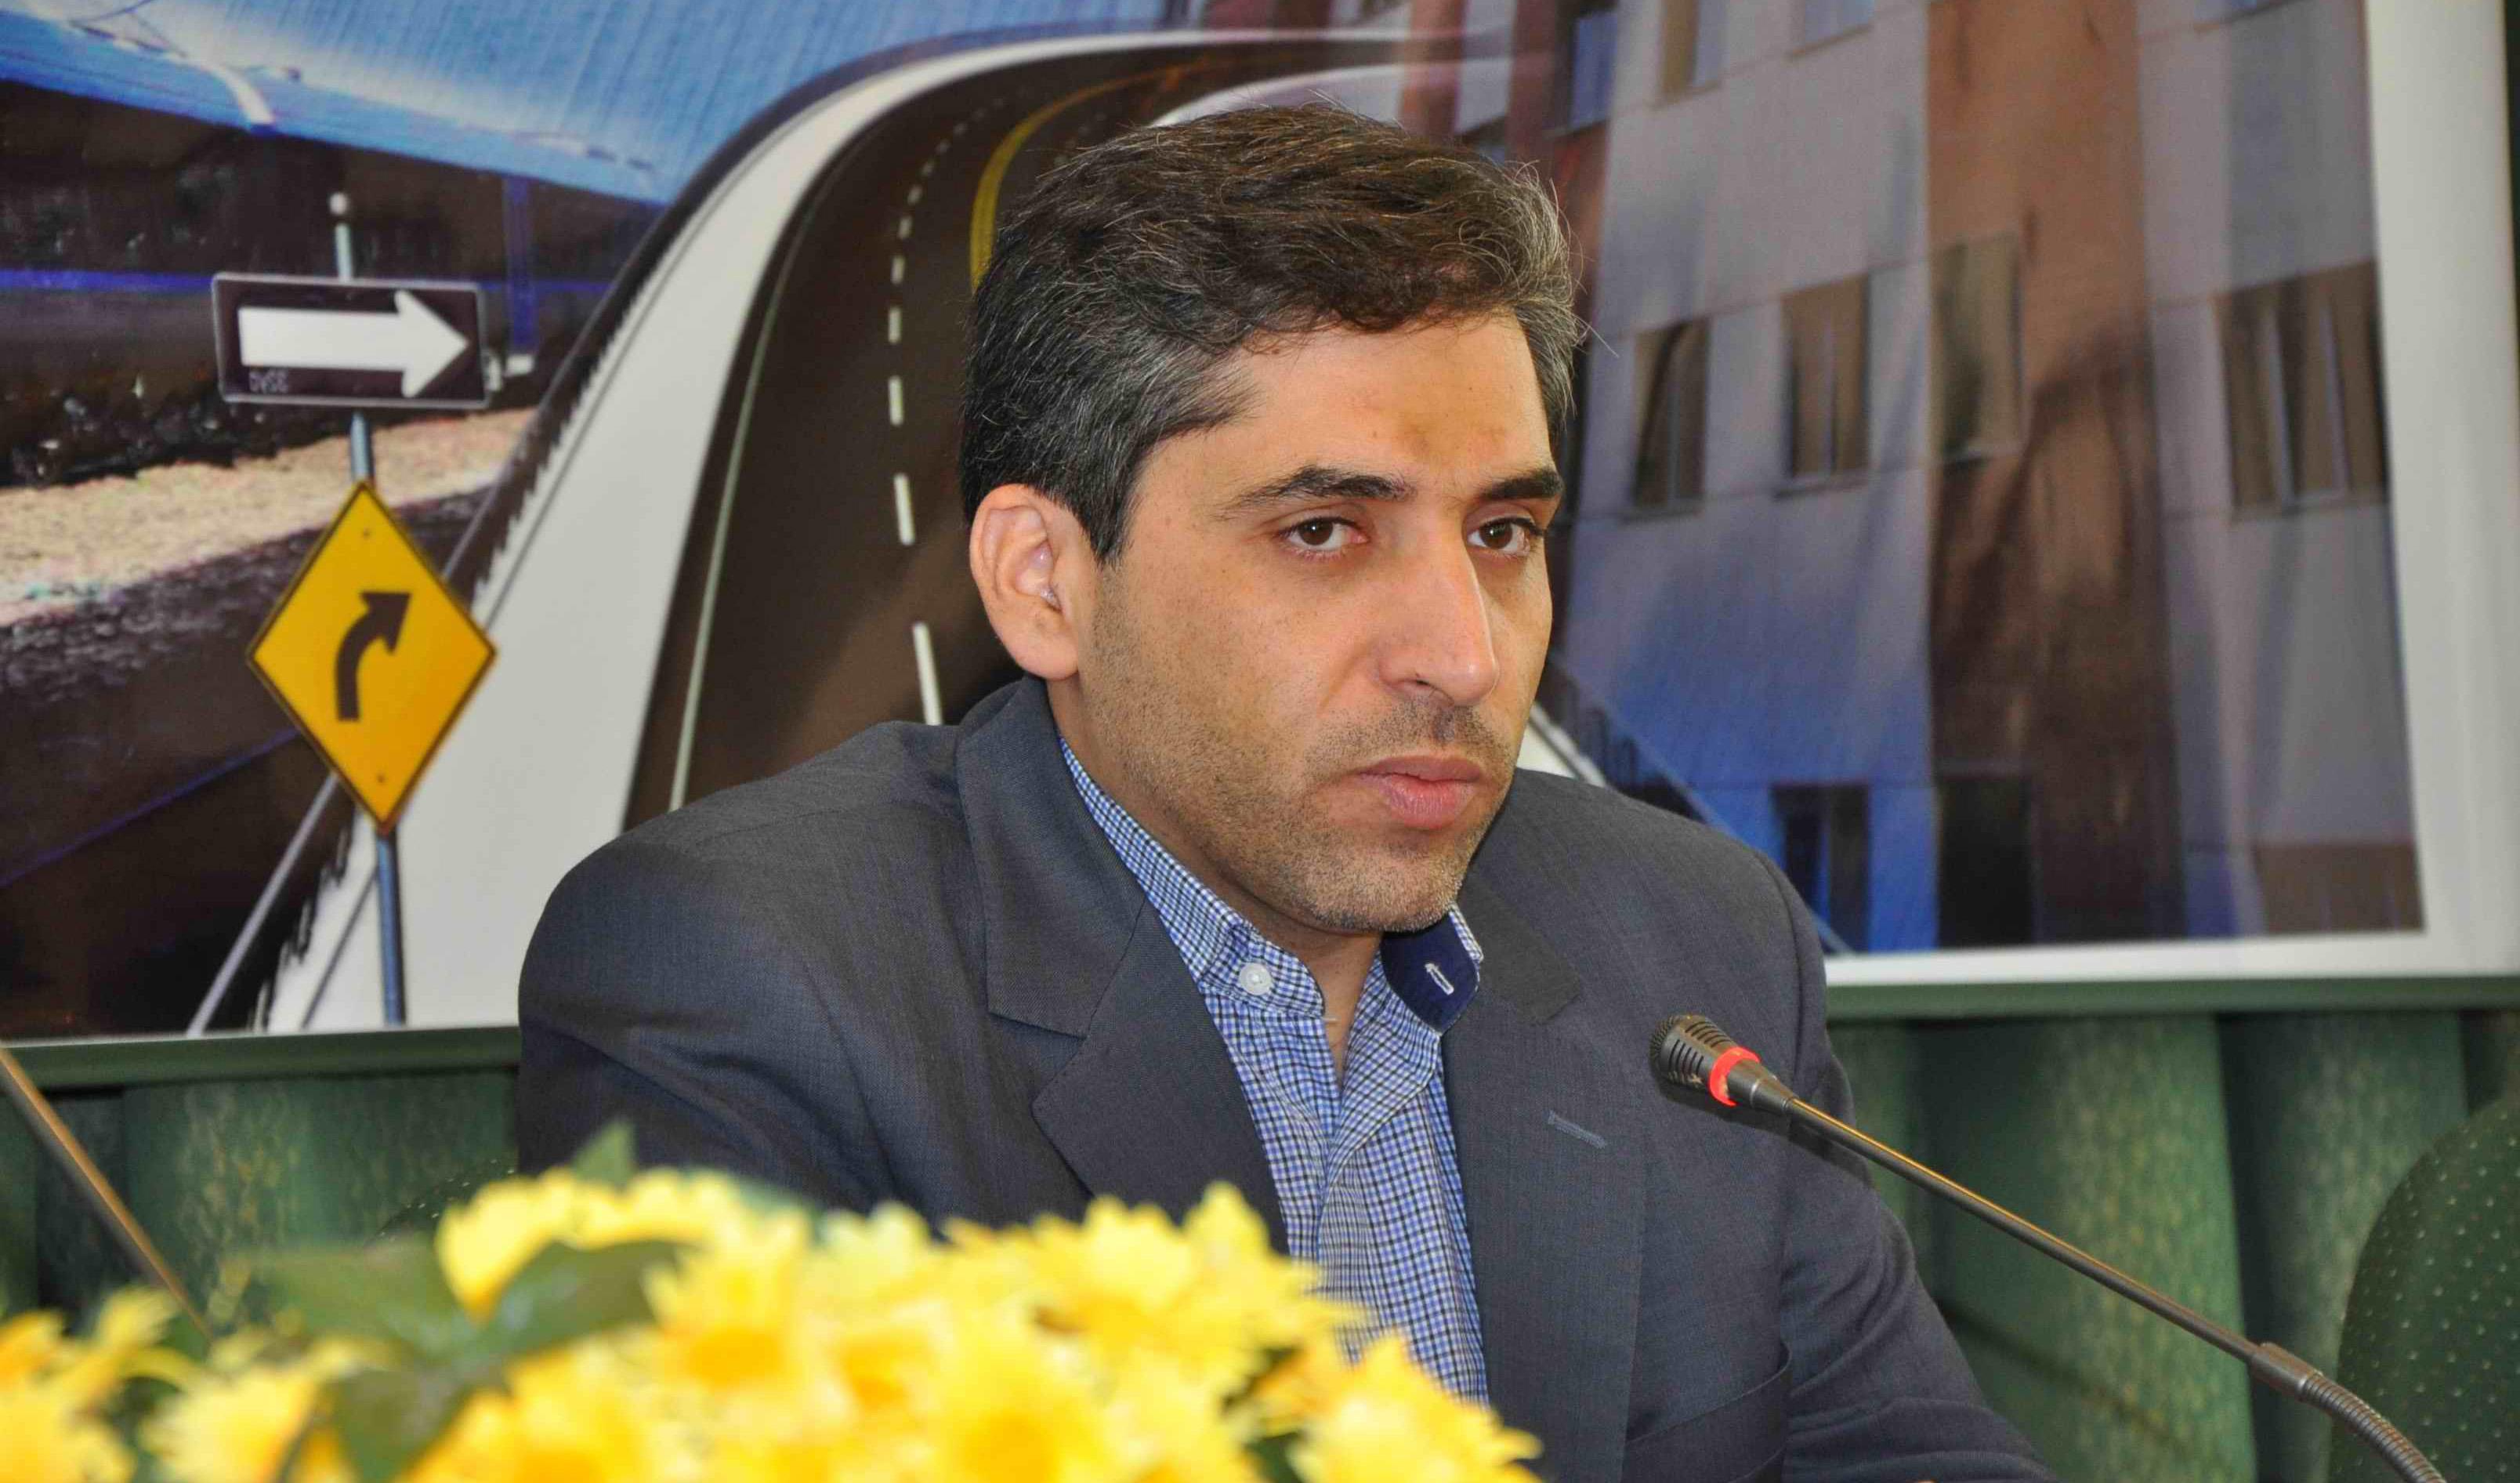 معاون وزیر راه: متوسط قیمت مسکن ۲۶ استان زیر ۱۰میلیون تومان است